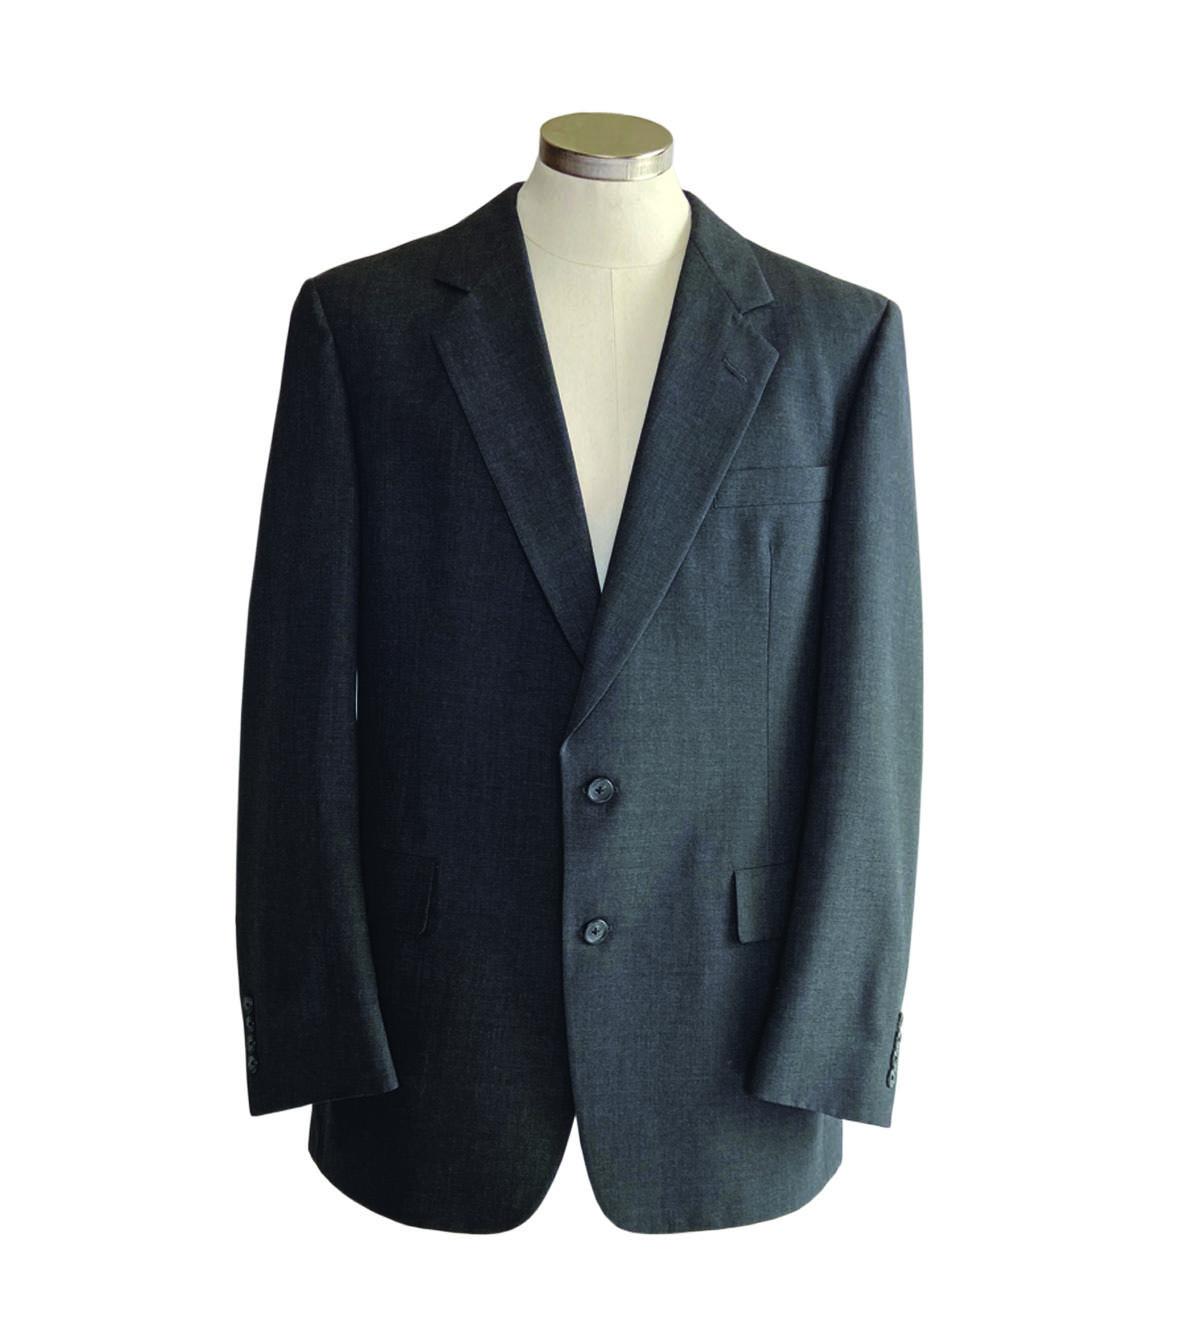 Dark men's suit jacket